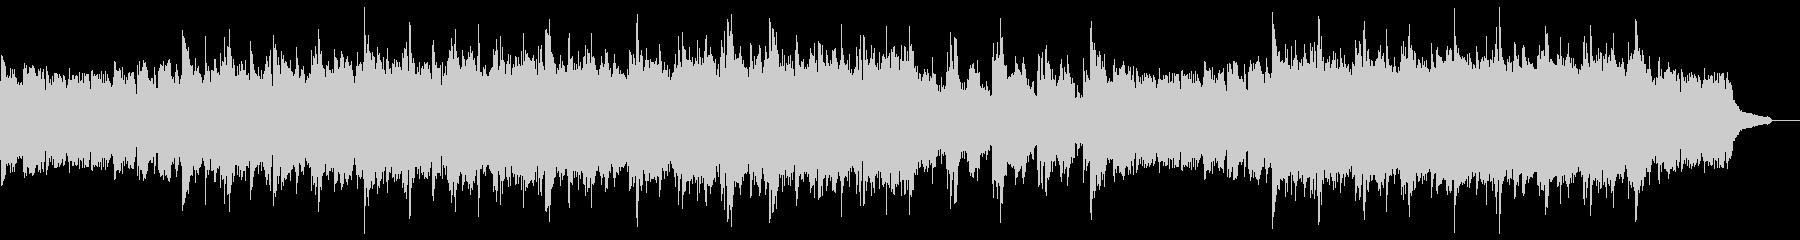 雄大なピアノアルペジオ:打楽器抜きの未再生の波形